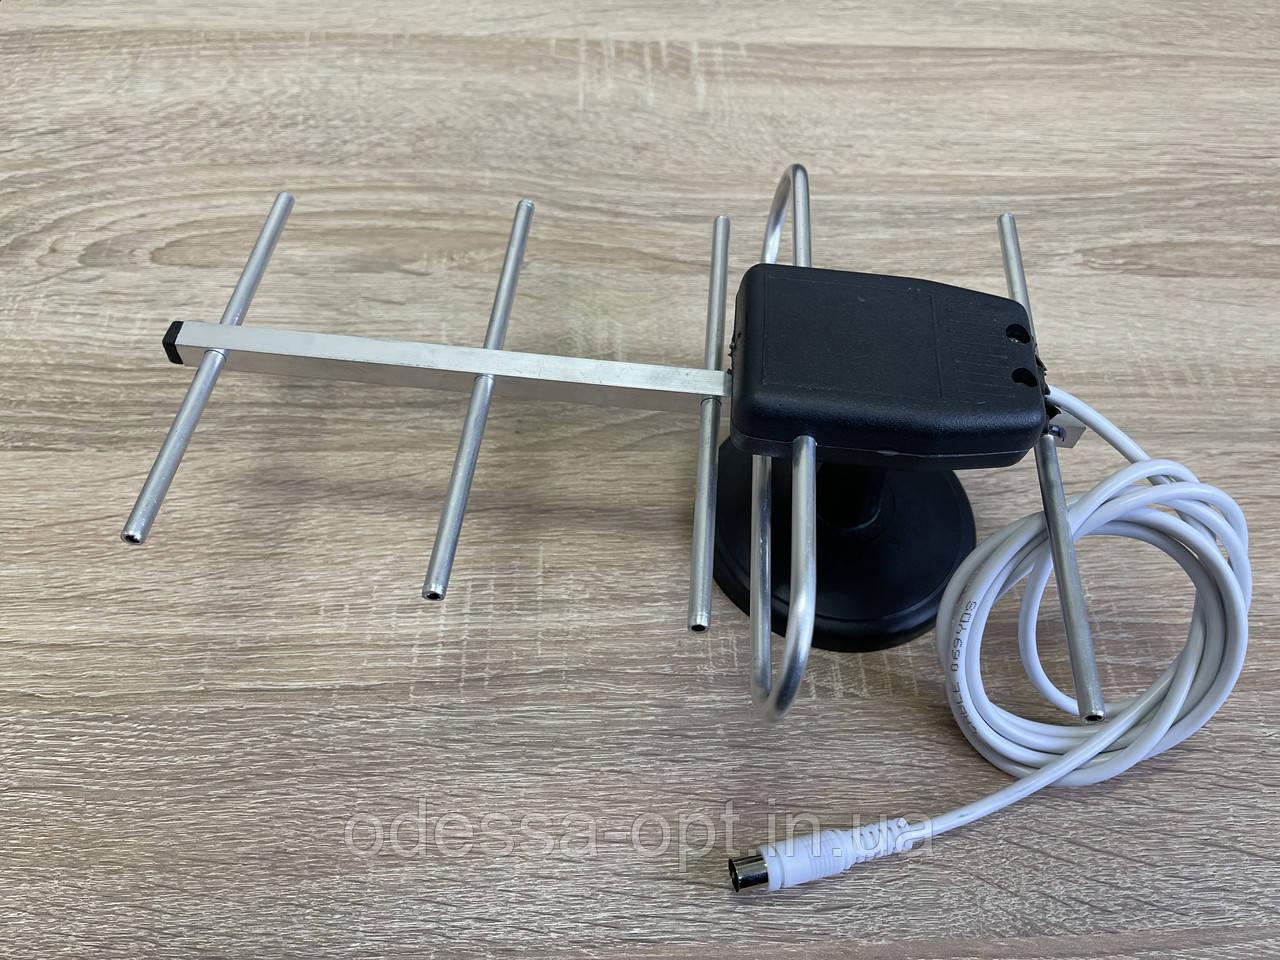 Антенна комнатная ДМВ (волна) со шнуром